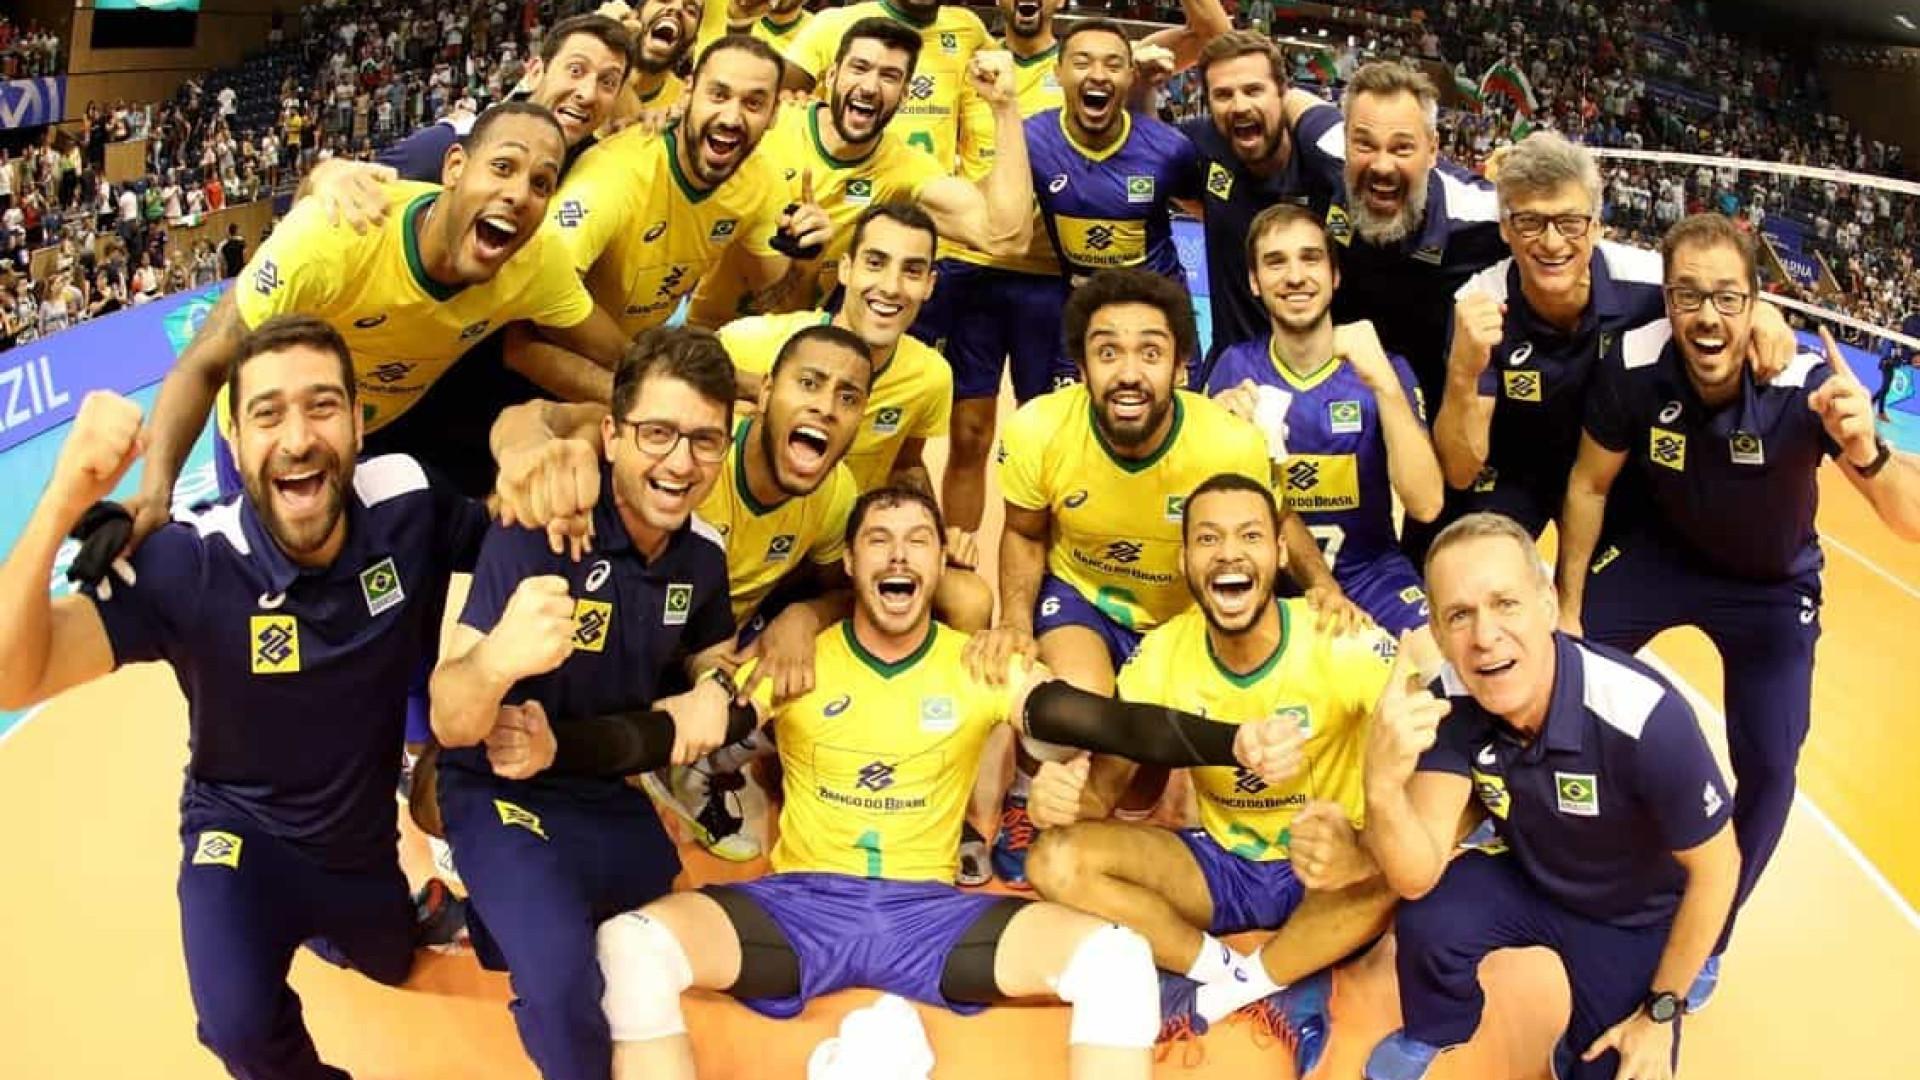 Copa do Mundo de vôlei masculino: Brasil 100%